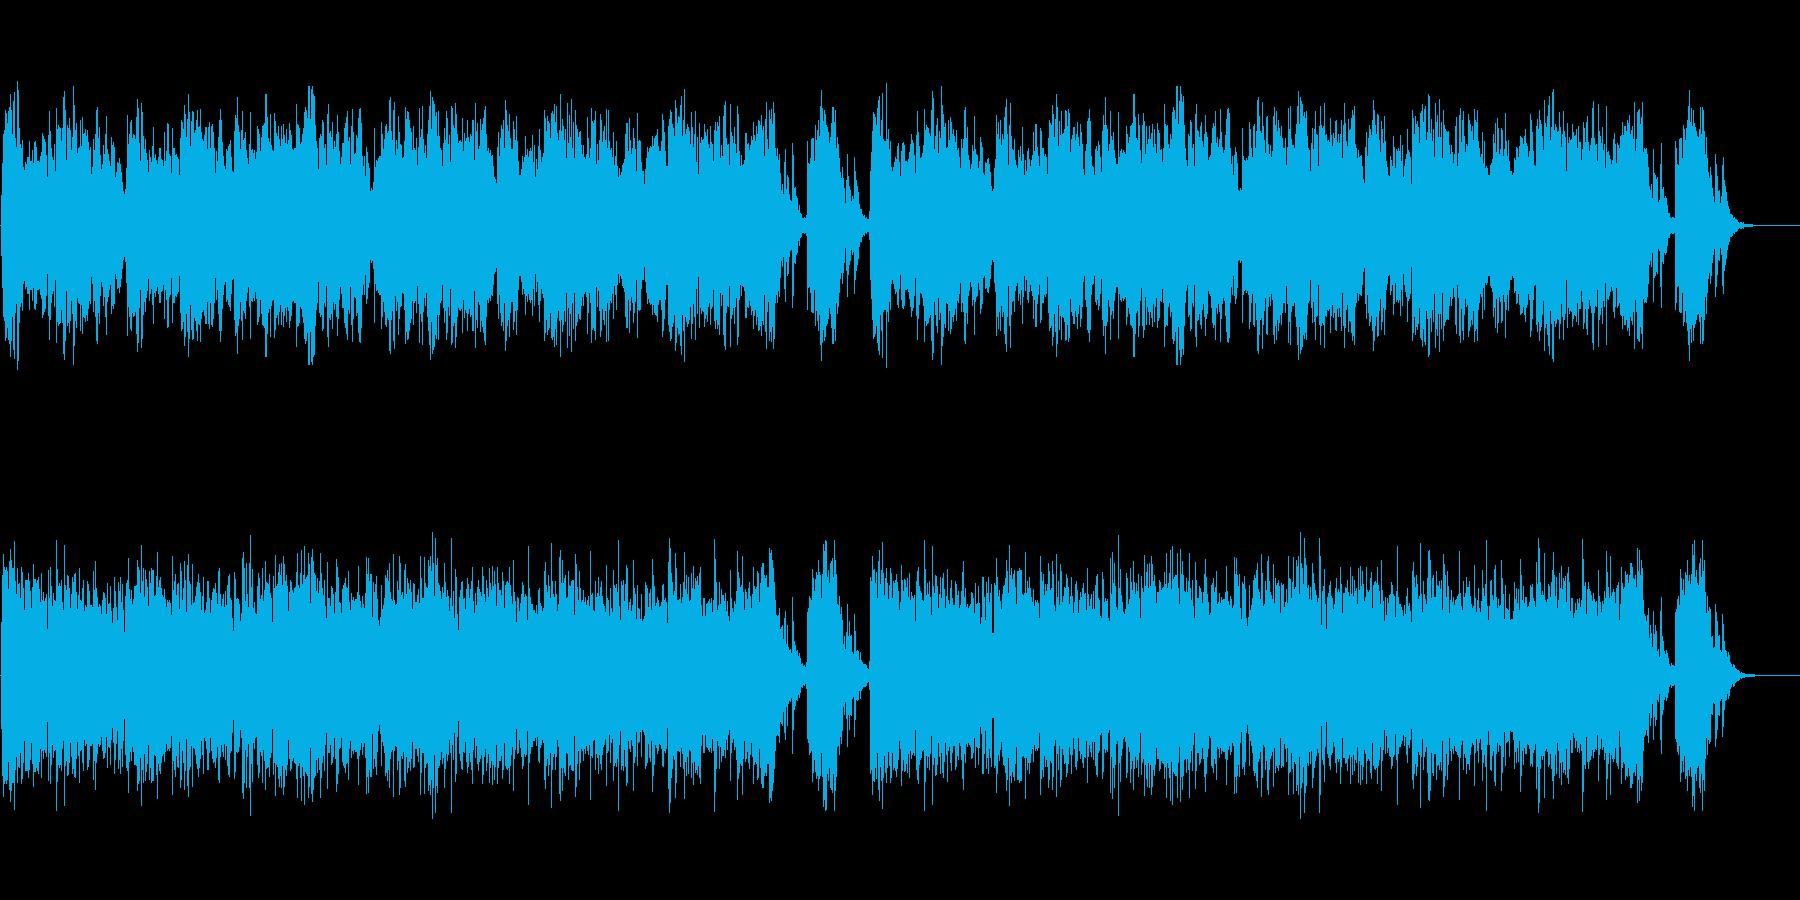 ファンタジー系ショートミュージックの再生済みの波形